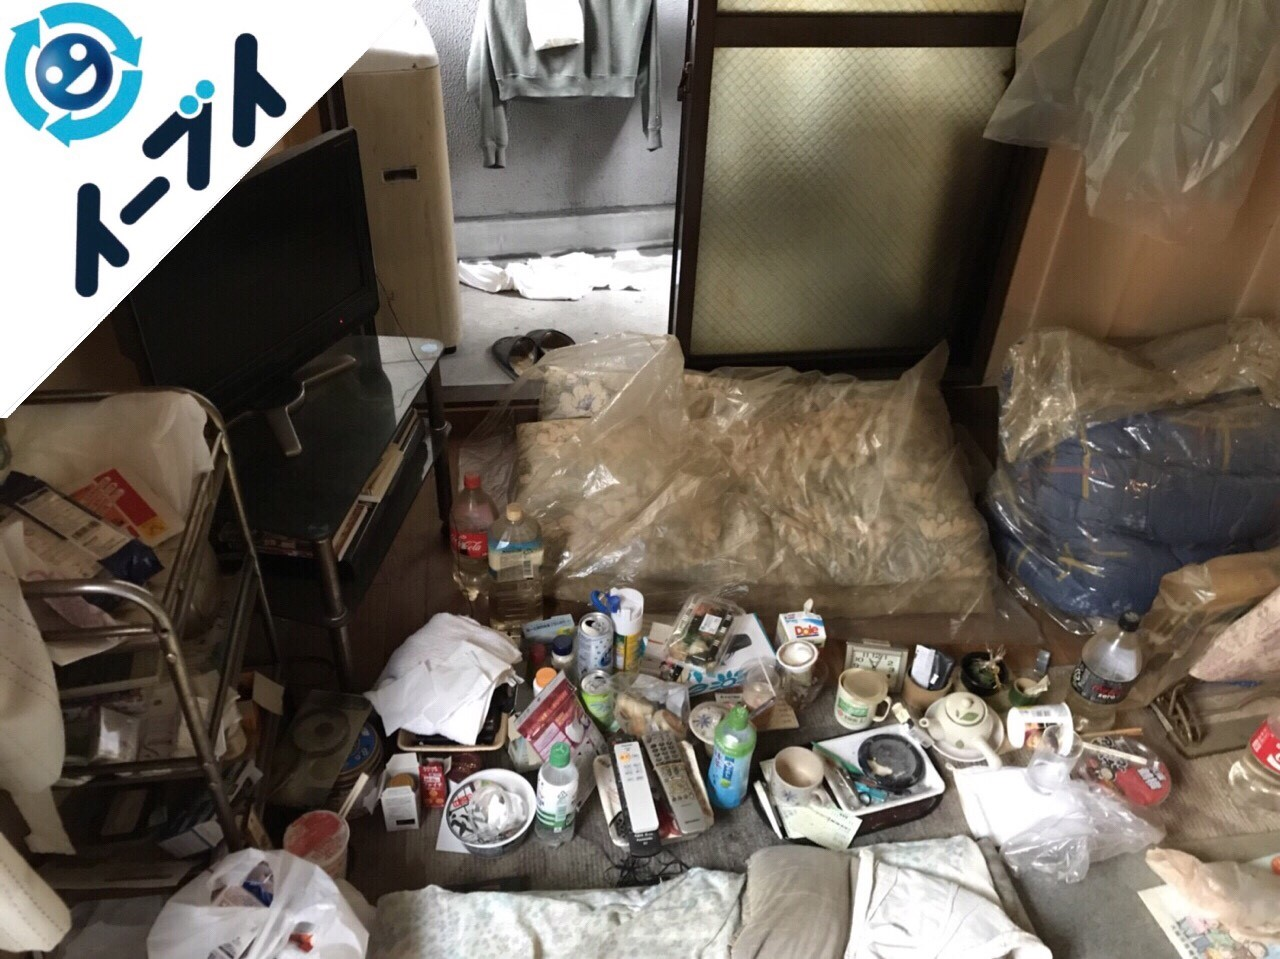 2018年6月16日大阪府交野市で長年放置された部屋の粗大ゴミなど不用品回収。写真2